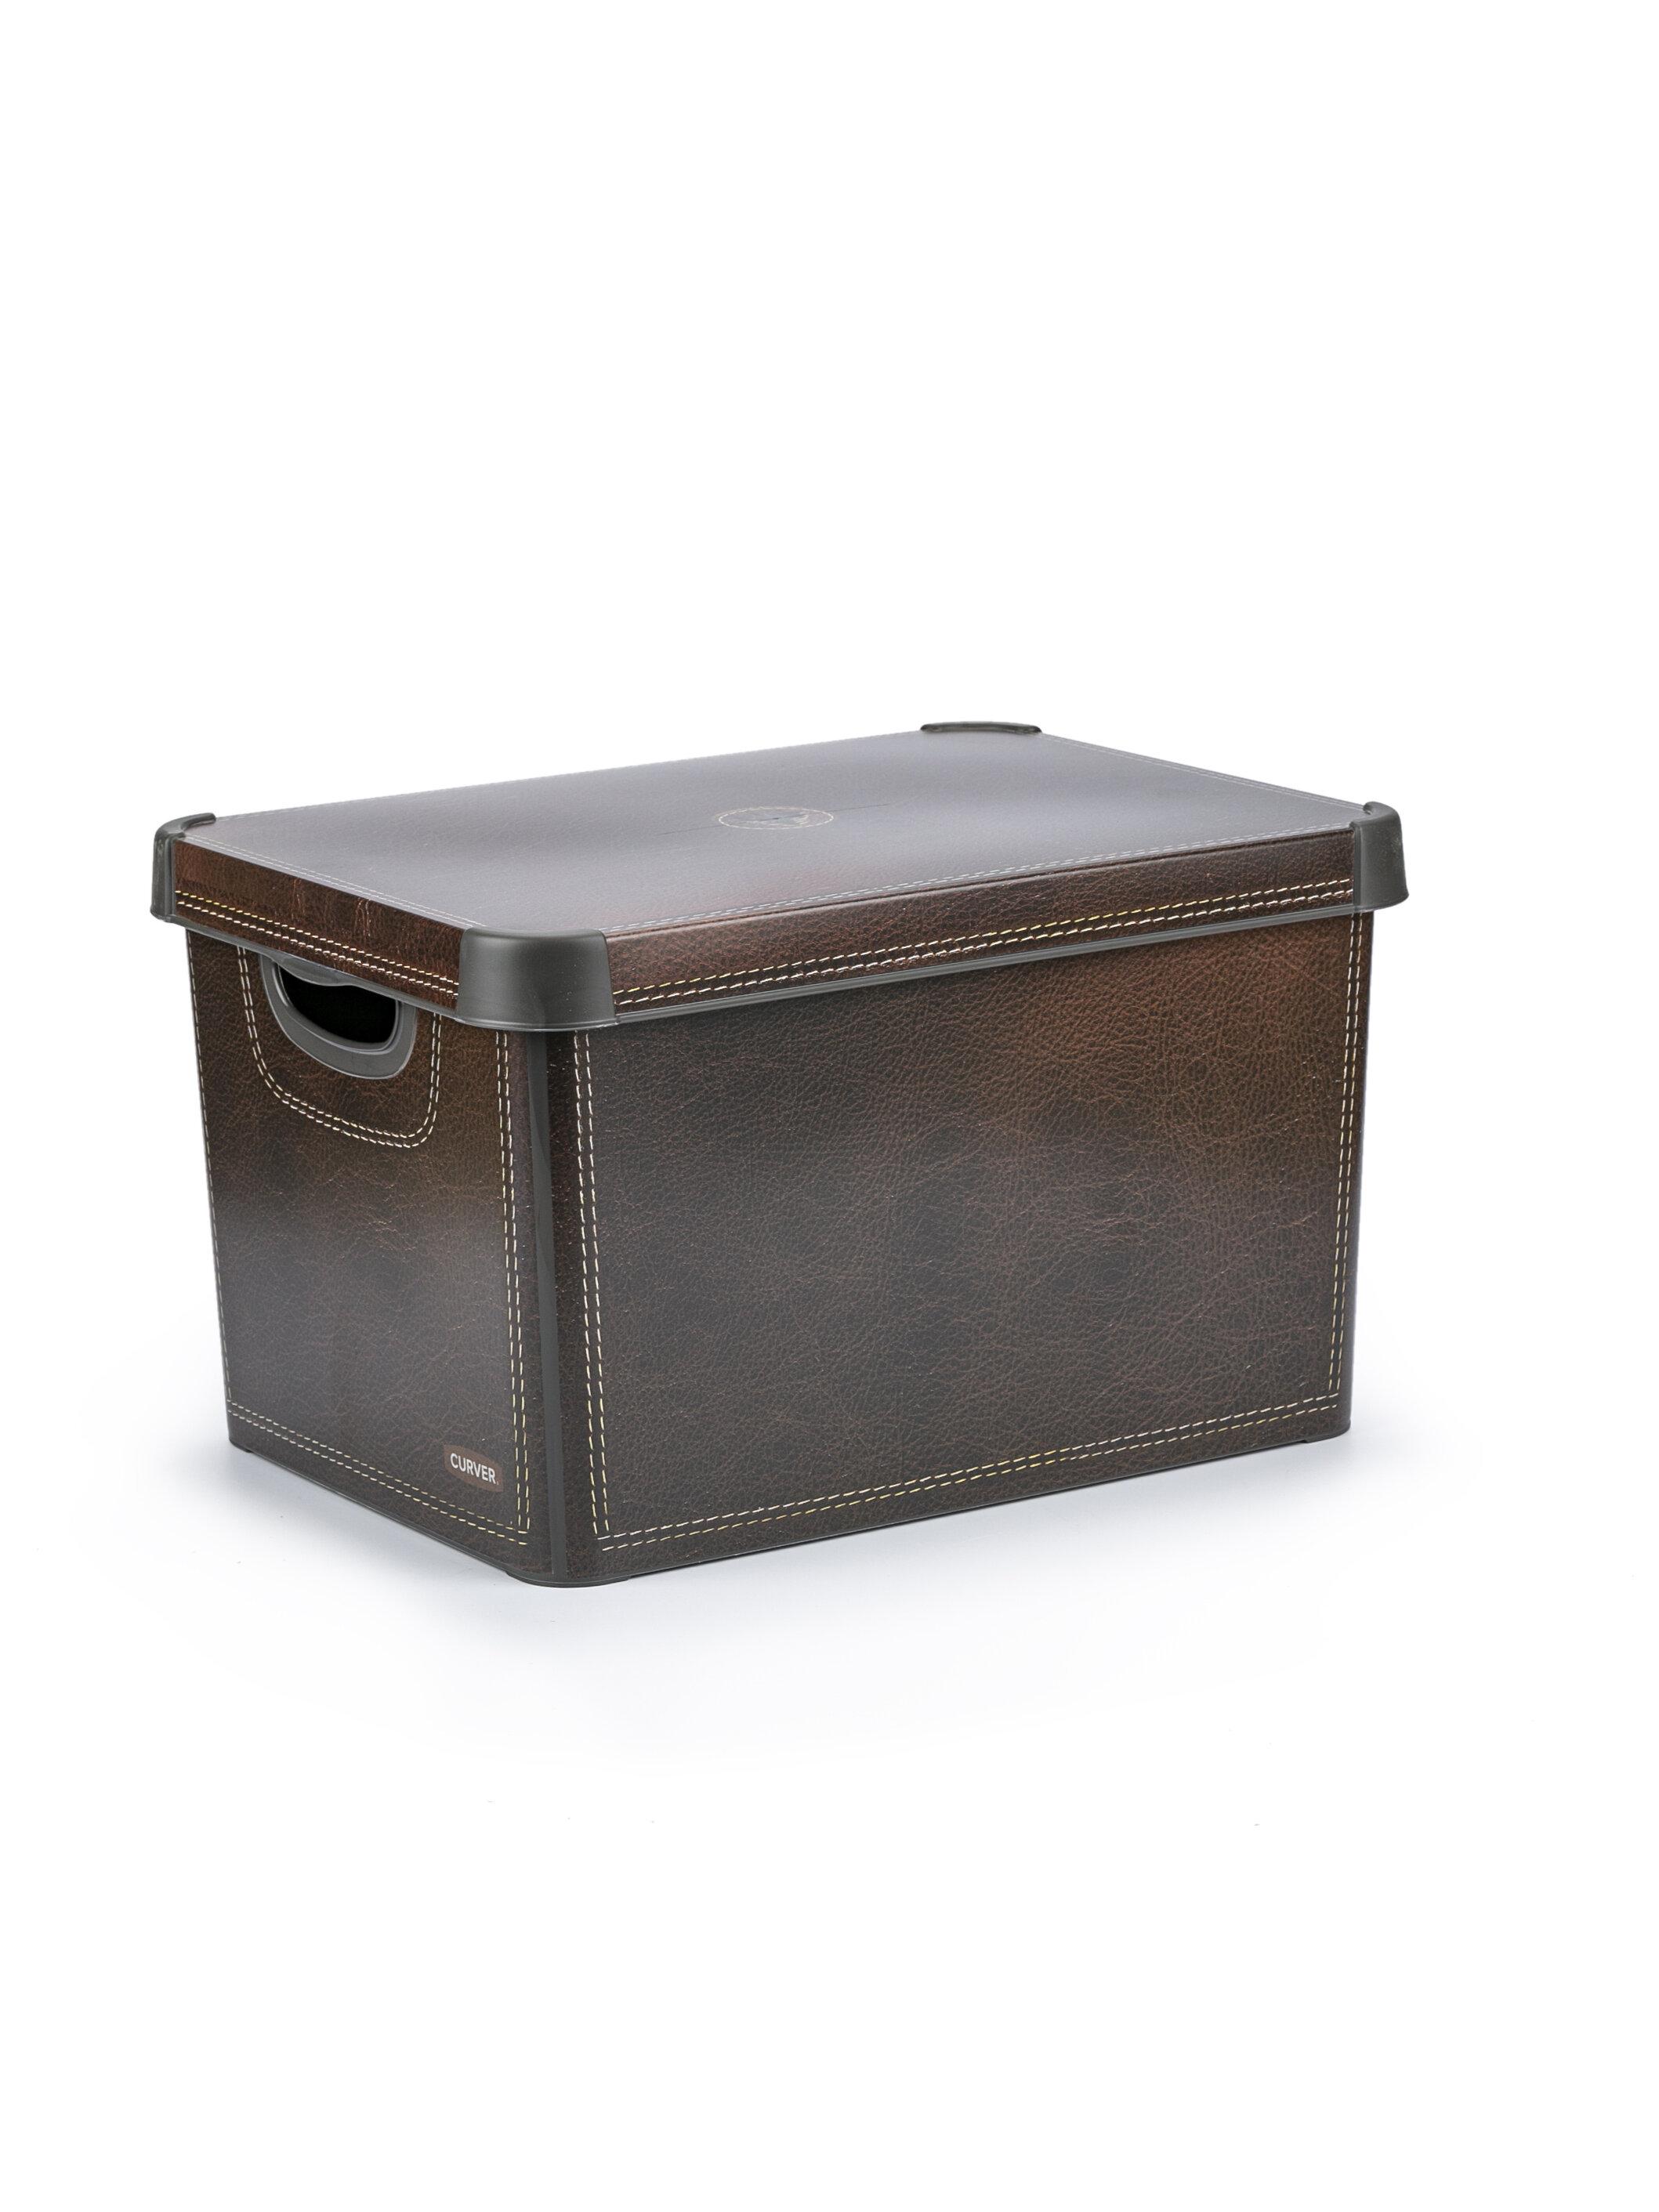 Ящик для хранения Curver Stockholm leather 22 л